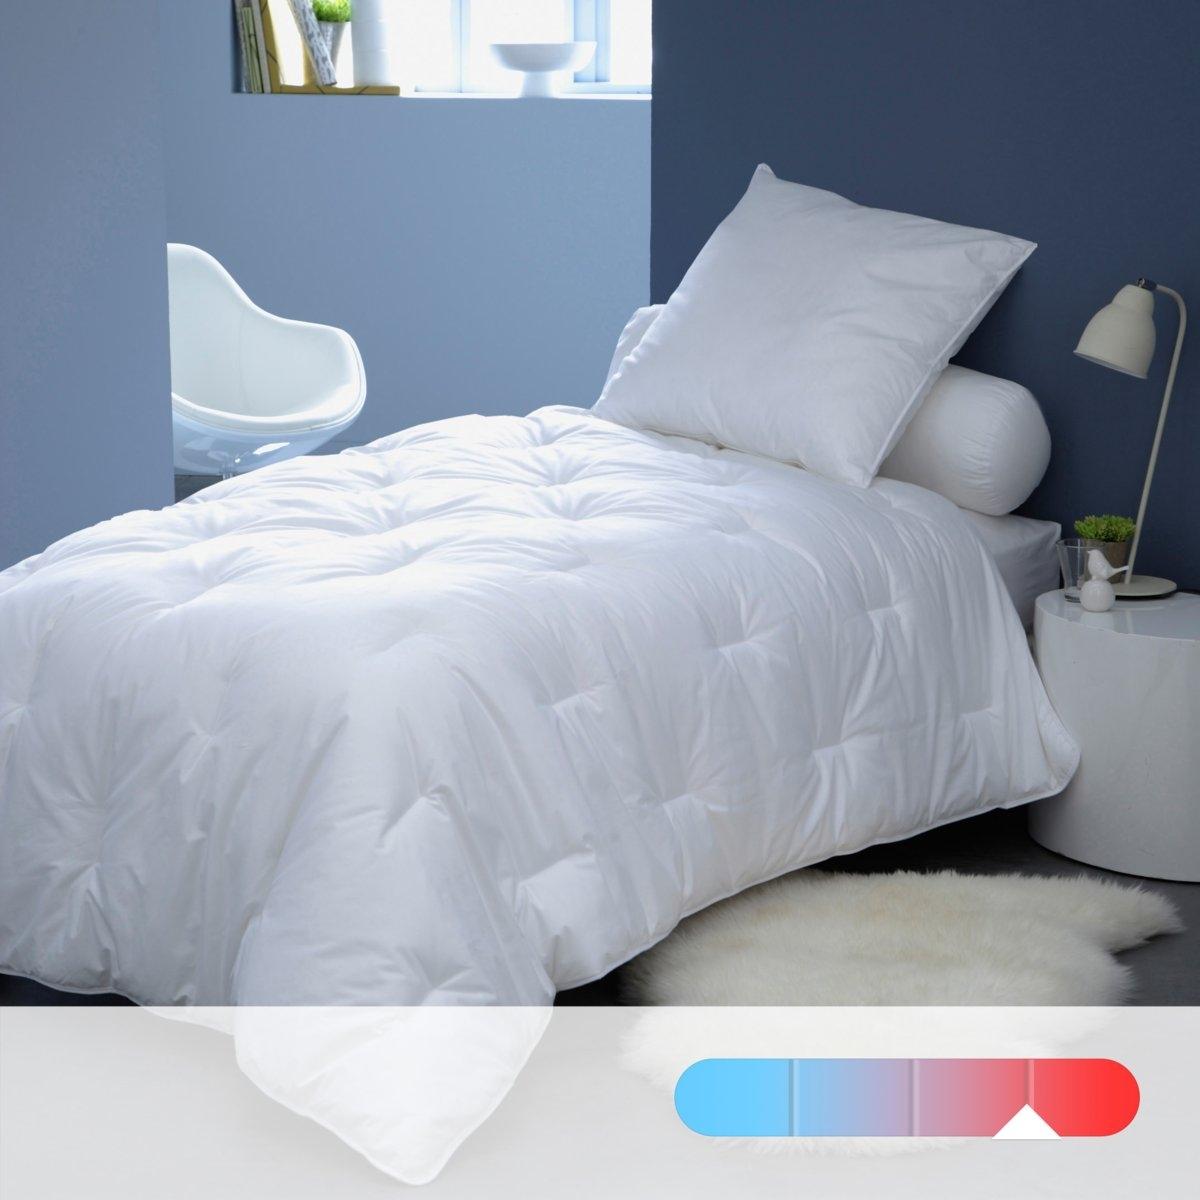 Синтетическое одеяло LESTRA, 450 г/м?Регулируемое тепло и легкость одеяла QUALLOFIL-AIR с обработкой Allerban против бактерий, клещей и грибка гарантирует вам спокойный сон на всю ночь. Качество наполнителя VALEUR S?RE: эксклюзивный состав из полых силиконизированных волокон, ультрапышных и суперлегких, из 100% полиэстера, которые обеспечивают циркуляцию воздуха и выводят влагу. Чехол из 100% хлопка. Отделка кантом из хлопка. Простежка пунктиром. Стирка при 40°, возможна машинная сушка при умеренной температуре. Идеально при температуре воздуха в комнате 12-15°. Плотность 450 г/м?.<br><br>Цвет: белый